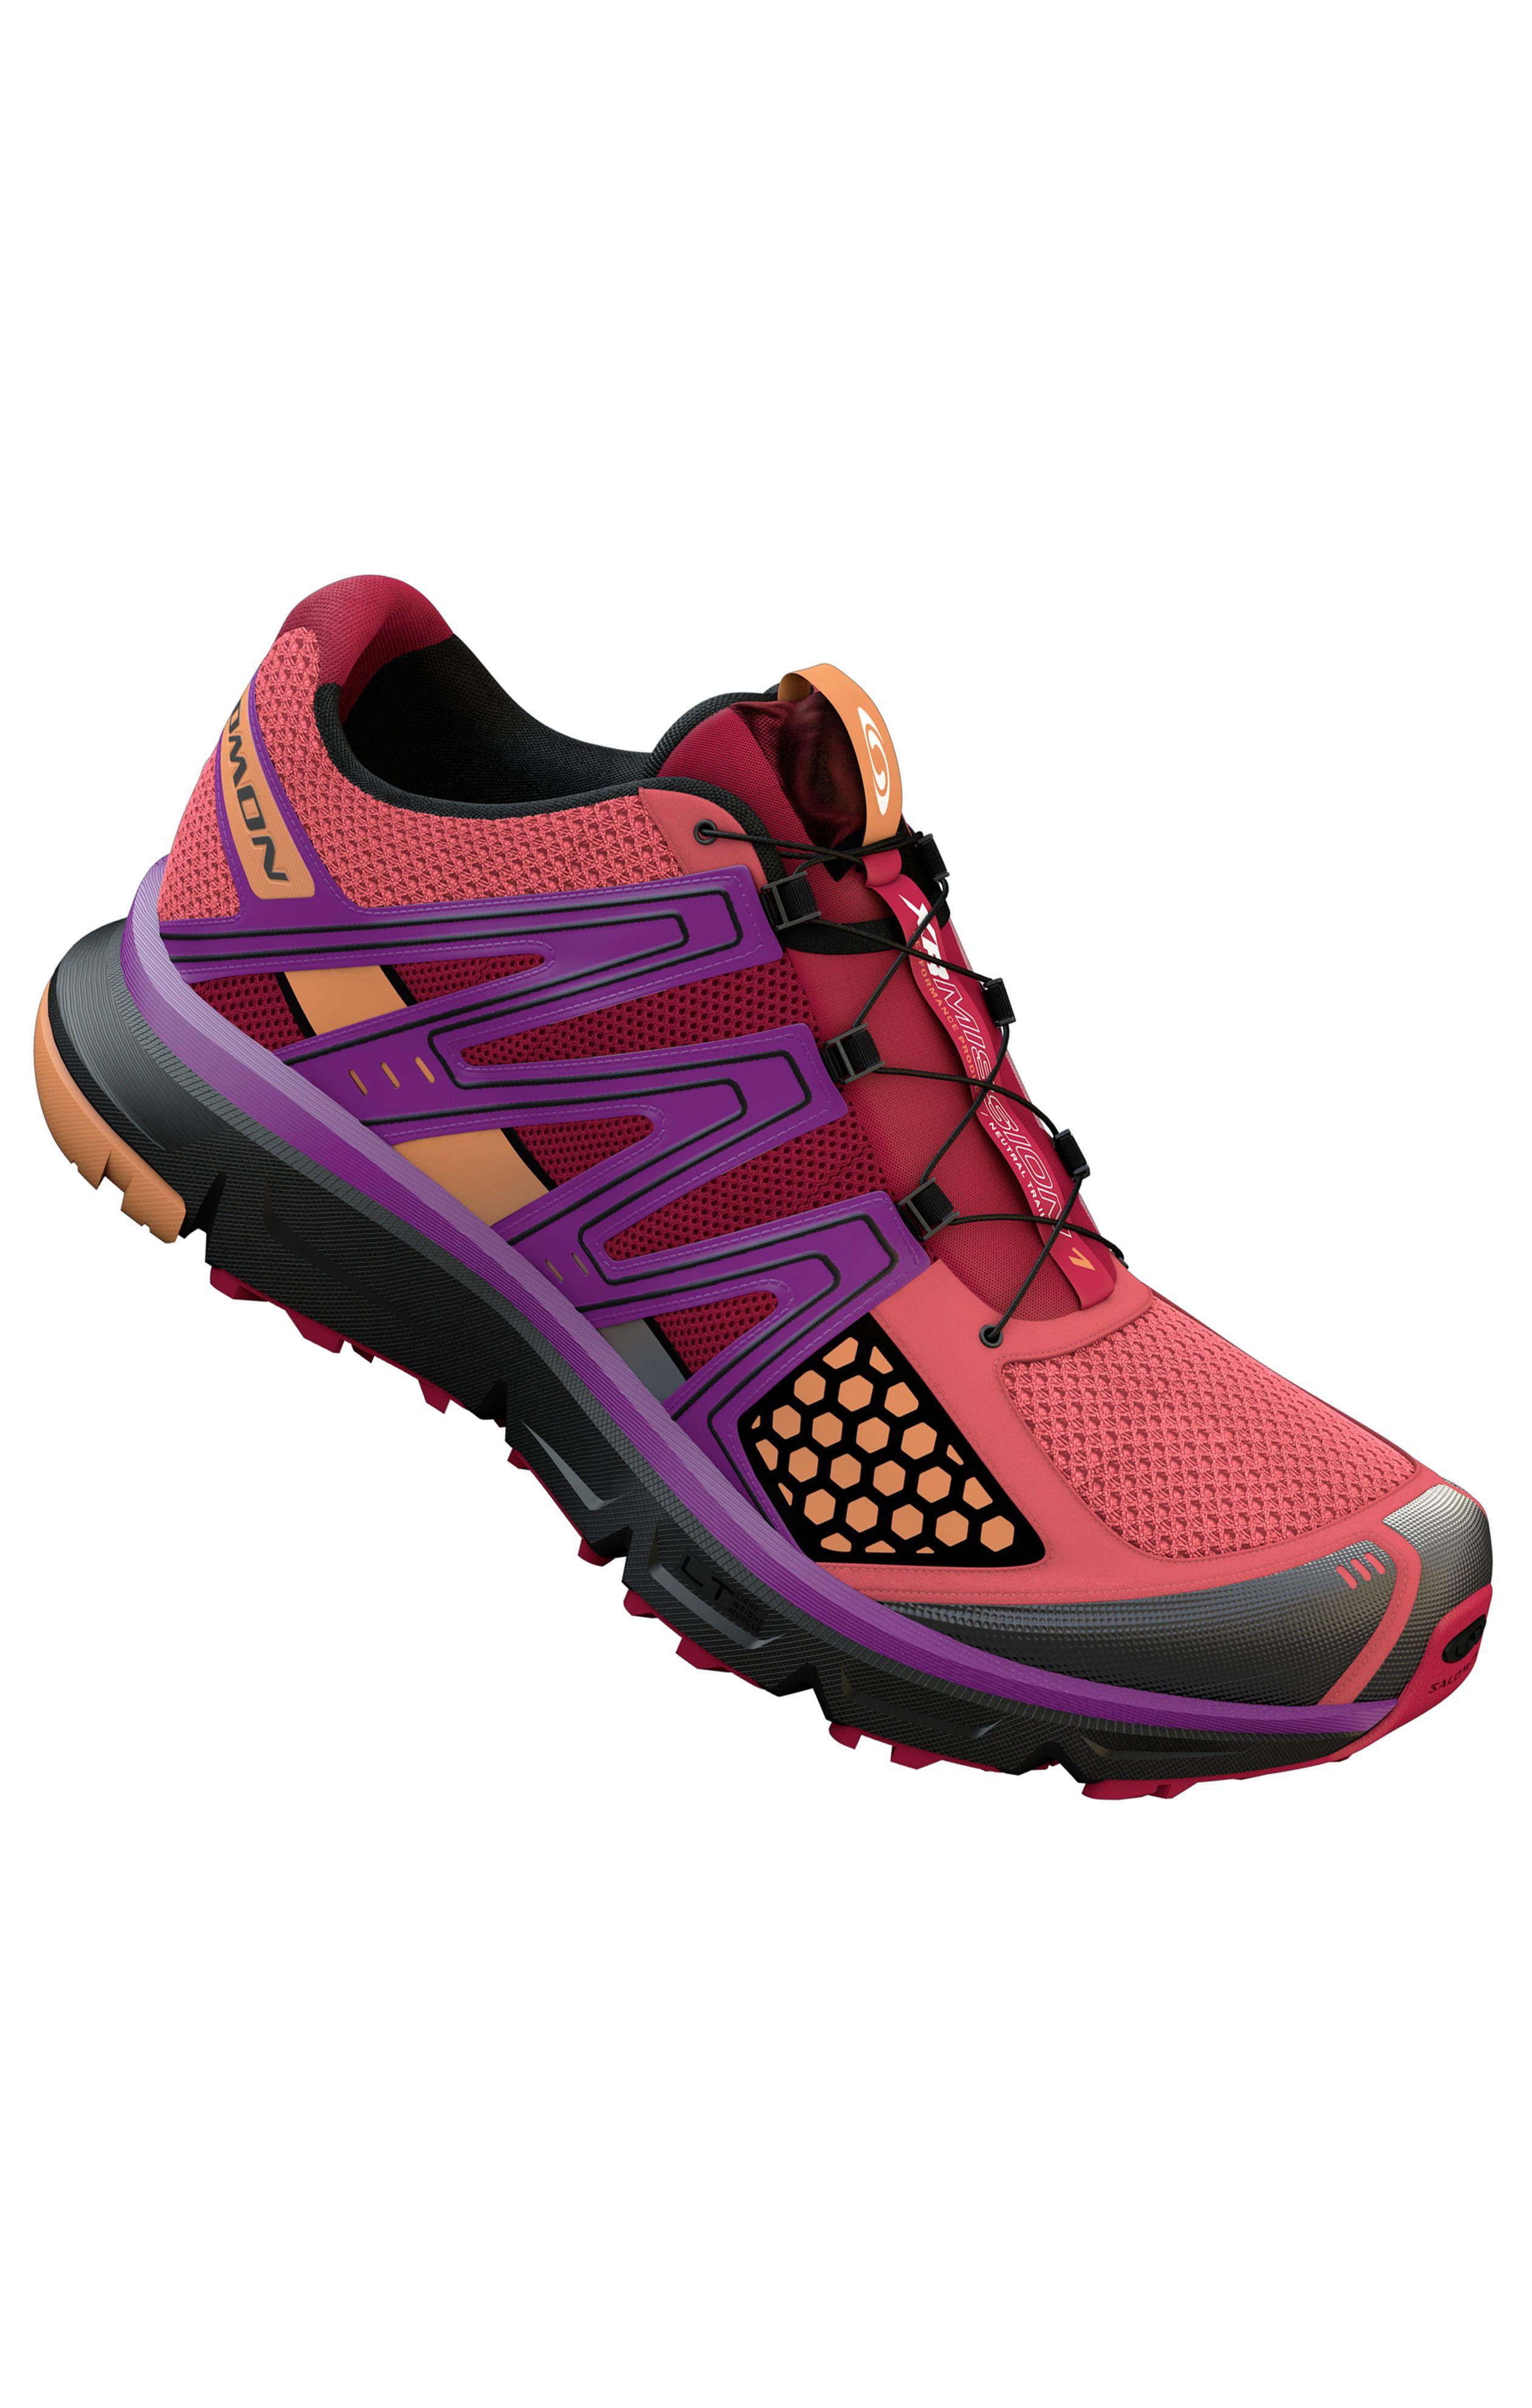 revendeur 42720 81ef9 Salomon XR Mission Women's Running Shoe (Sizes 6 & 6.5) in ...